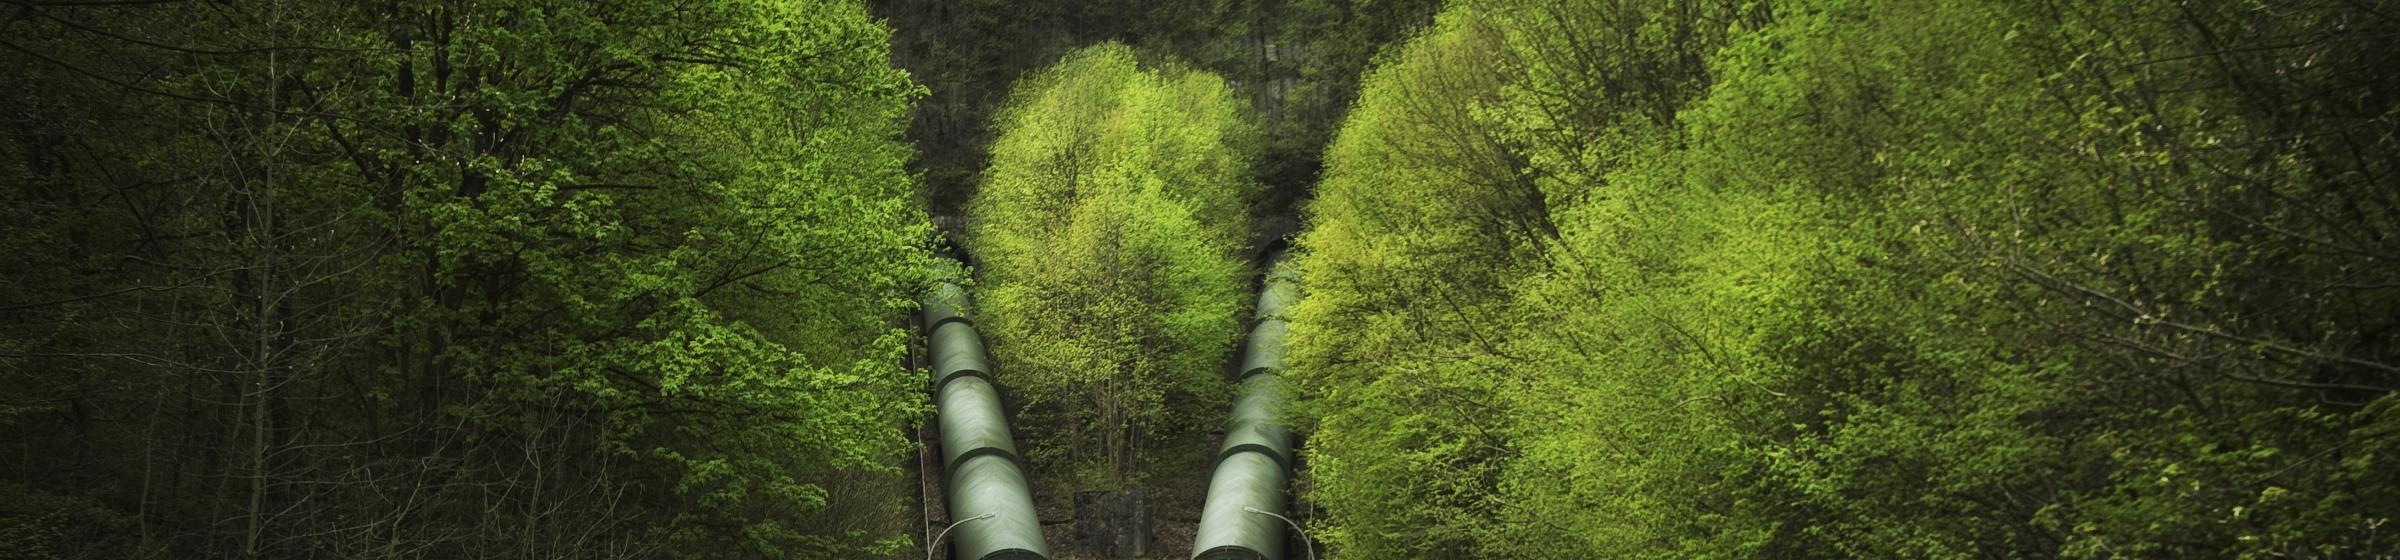 Pressure pipelines in green surroundings